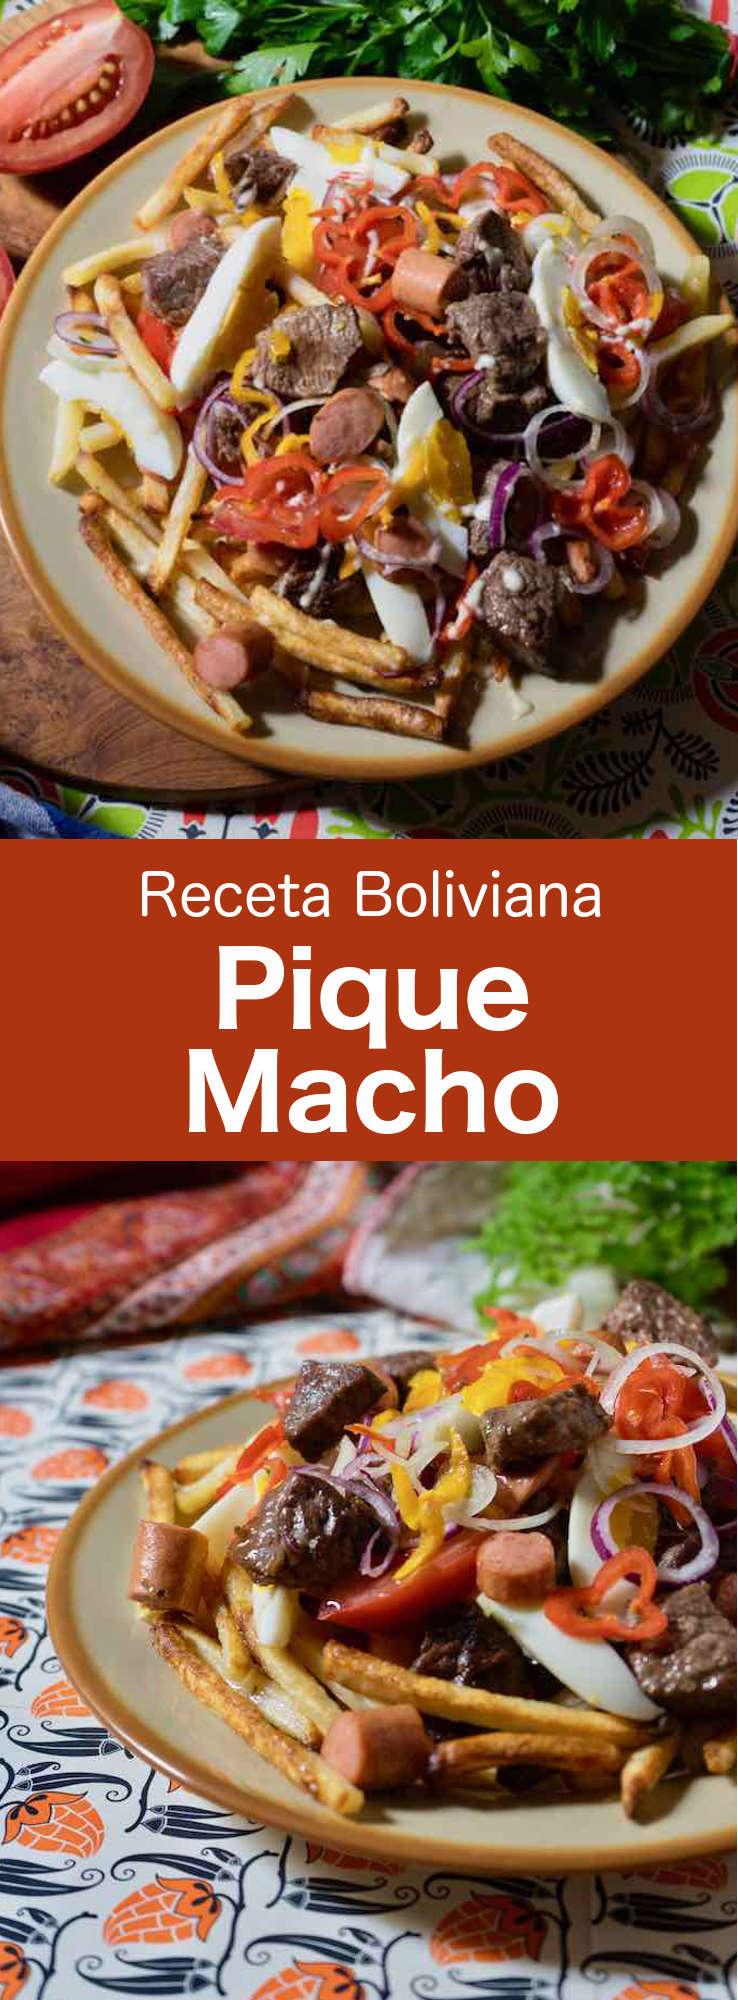 El pique macho es un plato muy popular de Cochabamba, Bolivia, hecho con cortes de carne de ternera y salchichas fritas con patatas fritas, huevos, pimientos y tomates.